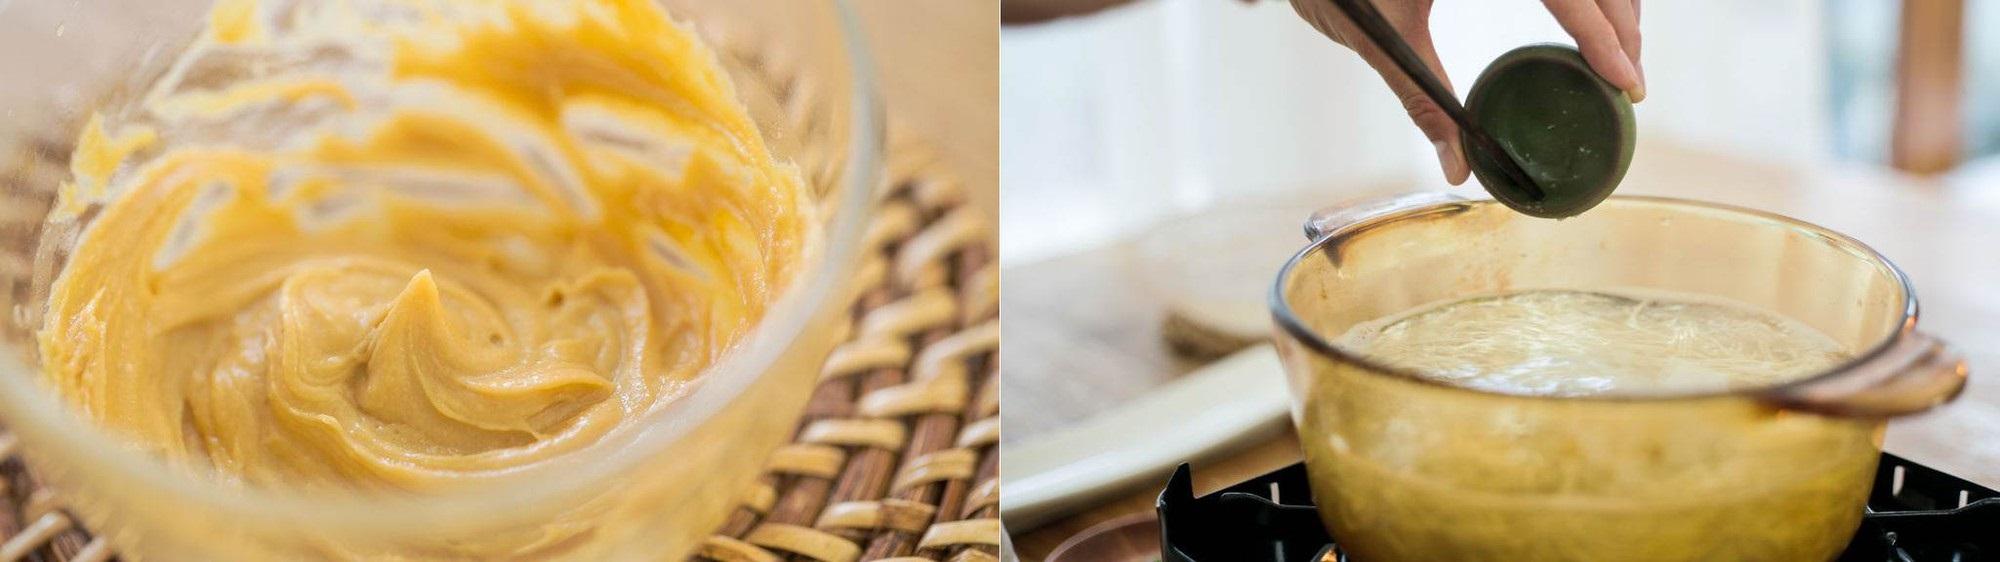 Thêm một cách làm mì trộn thơm ngon cho bữa trưa nhẹ bụng - Ảnh 2